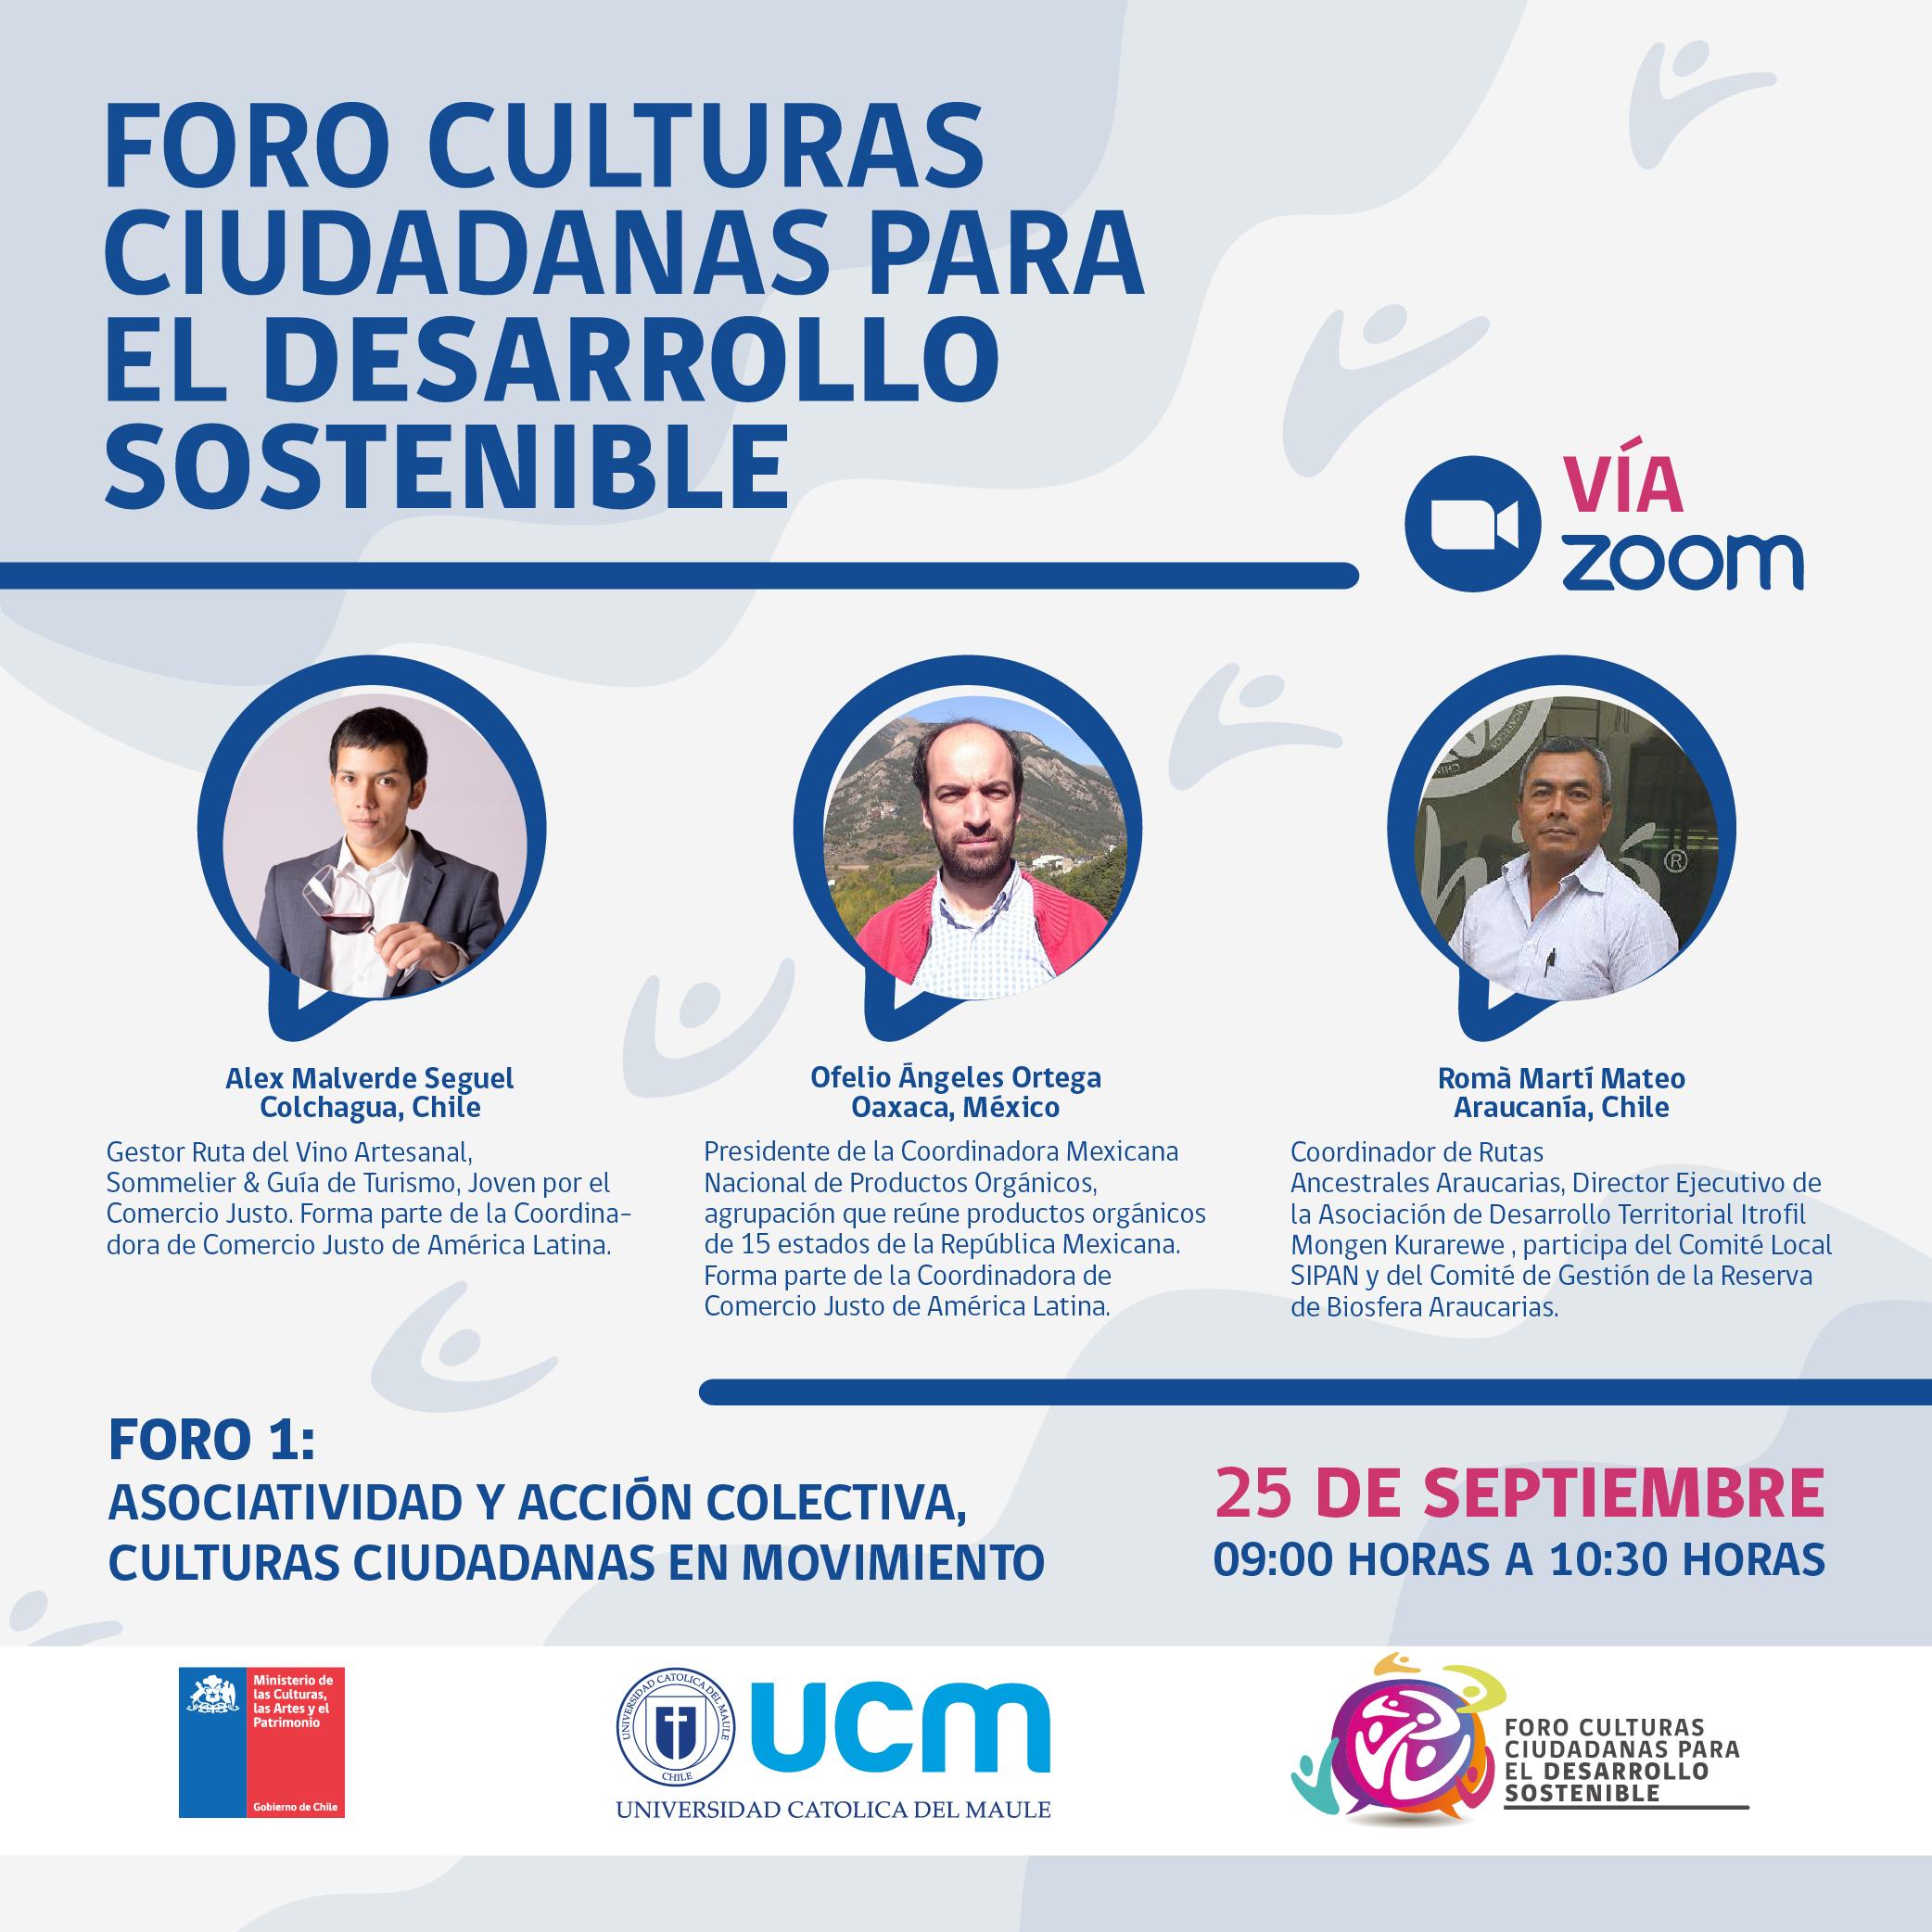 """Convocan a dirigentes sociales al """"Foro Culturas Ciudadanas para el Desarrollo Sostenible"""""""